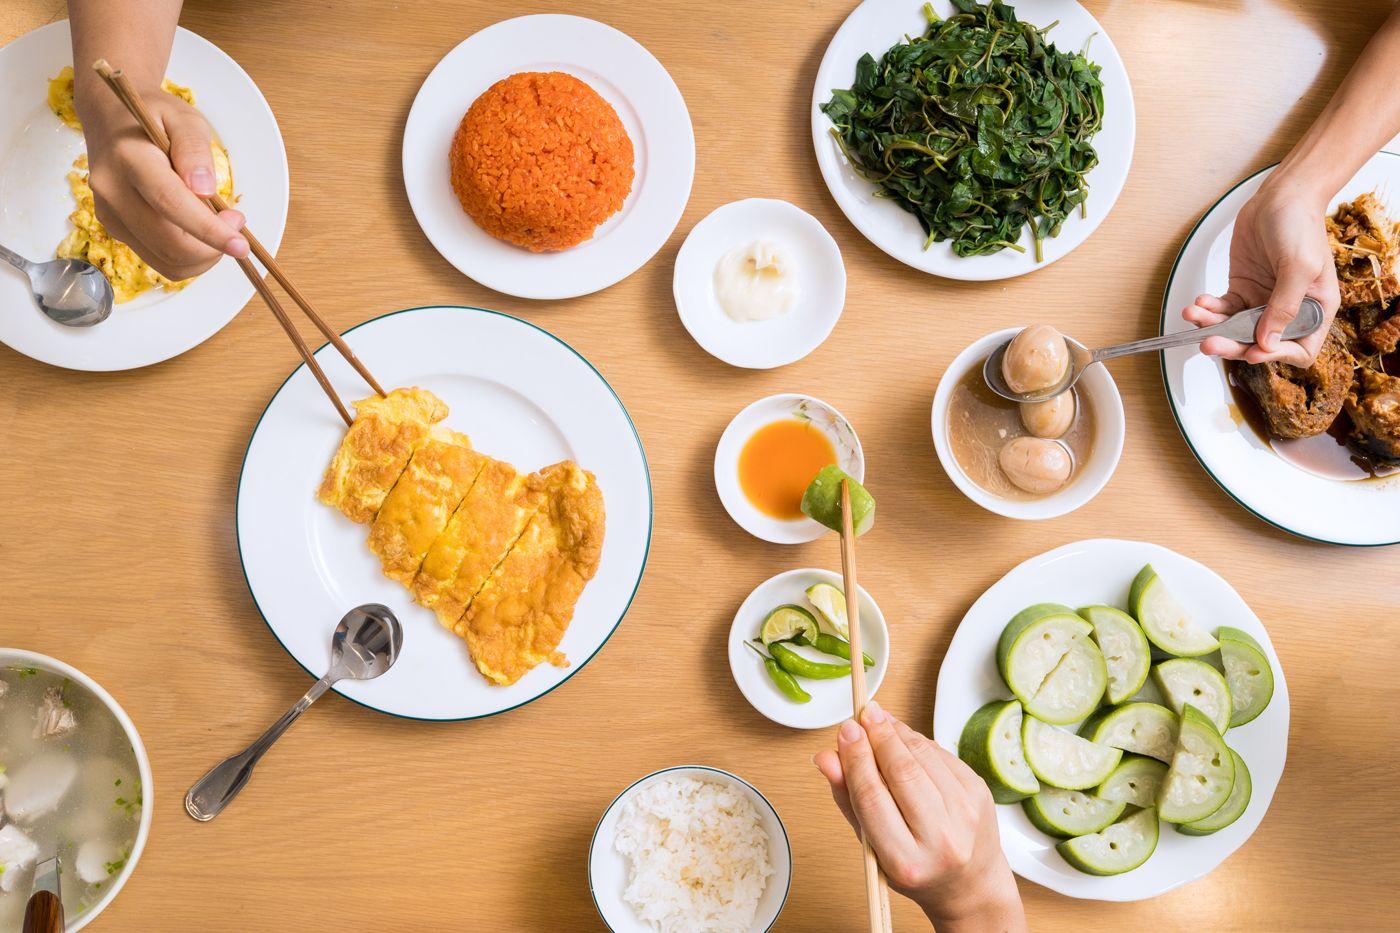 Dạy bé đếm số chén/tô/dĩa khi chuẩn bị bàn ăn